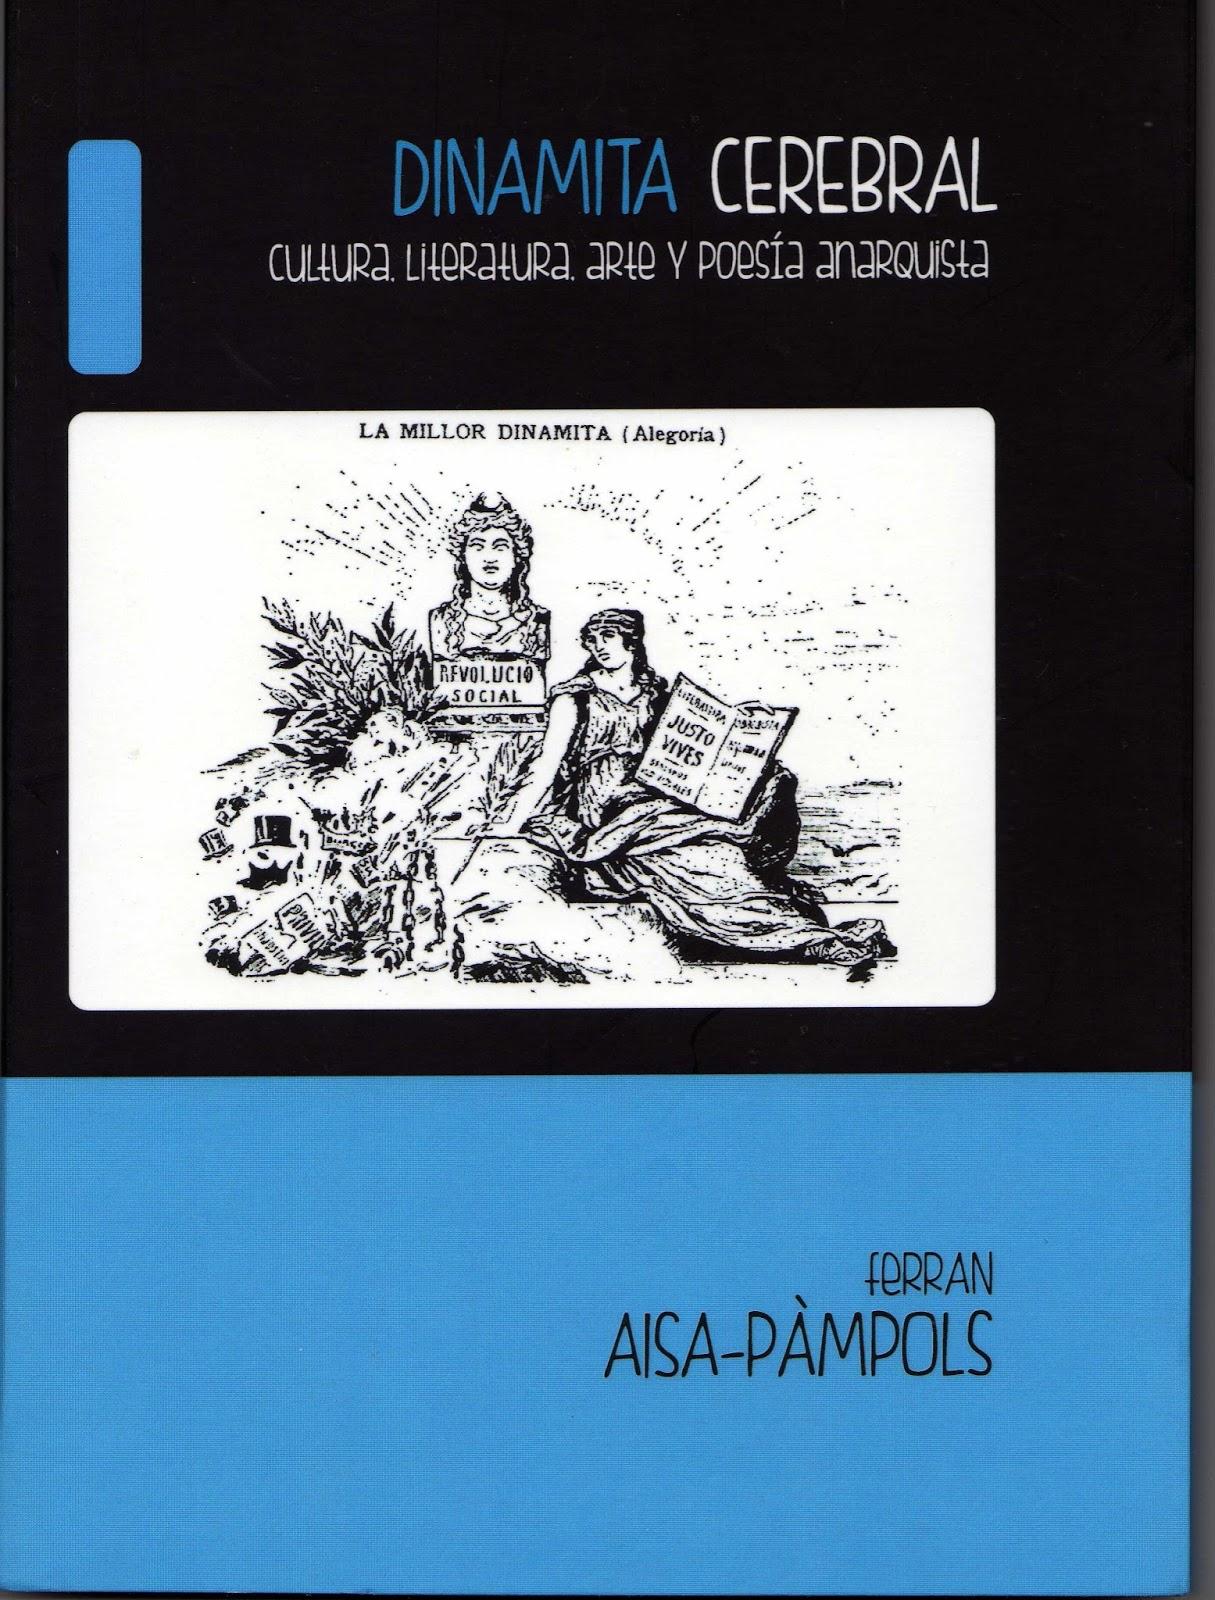 'Dinamita Cerebral', nou assaig de Ferran Aisa-Pàmpols